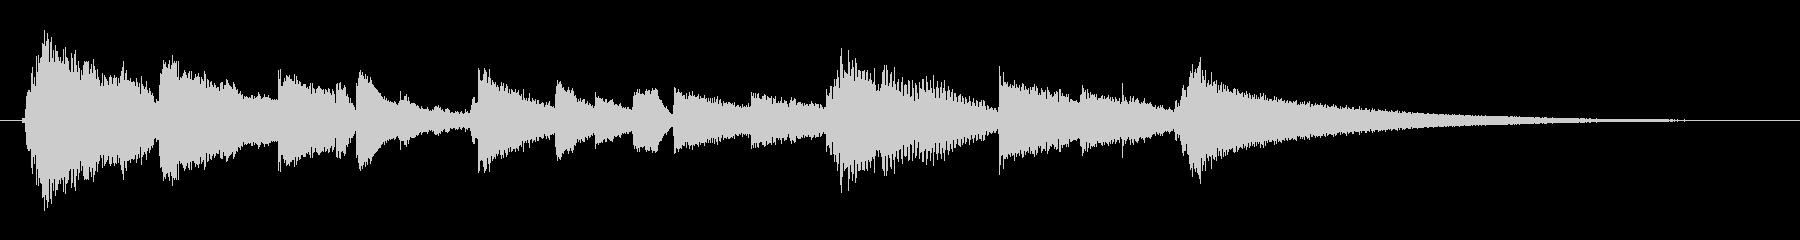 眠りと目覚めを連想させるサウンドロゴ4の未再生の波形